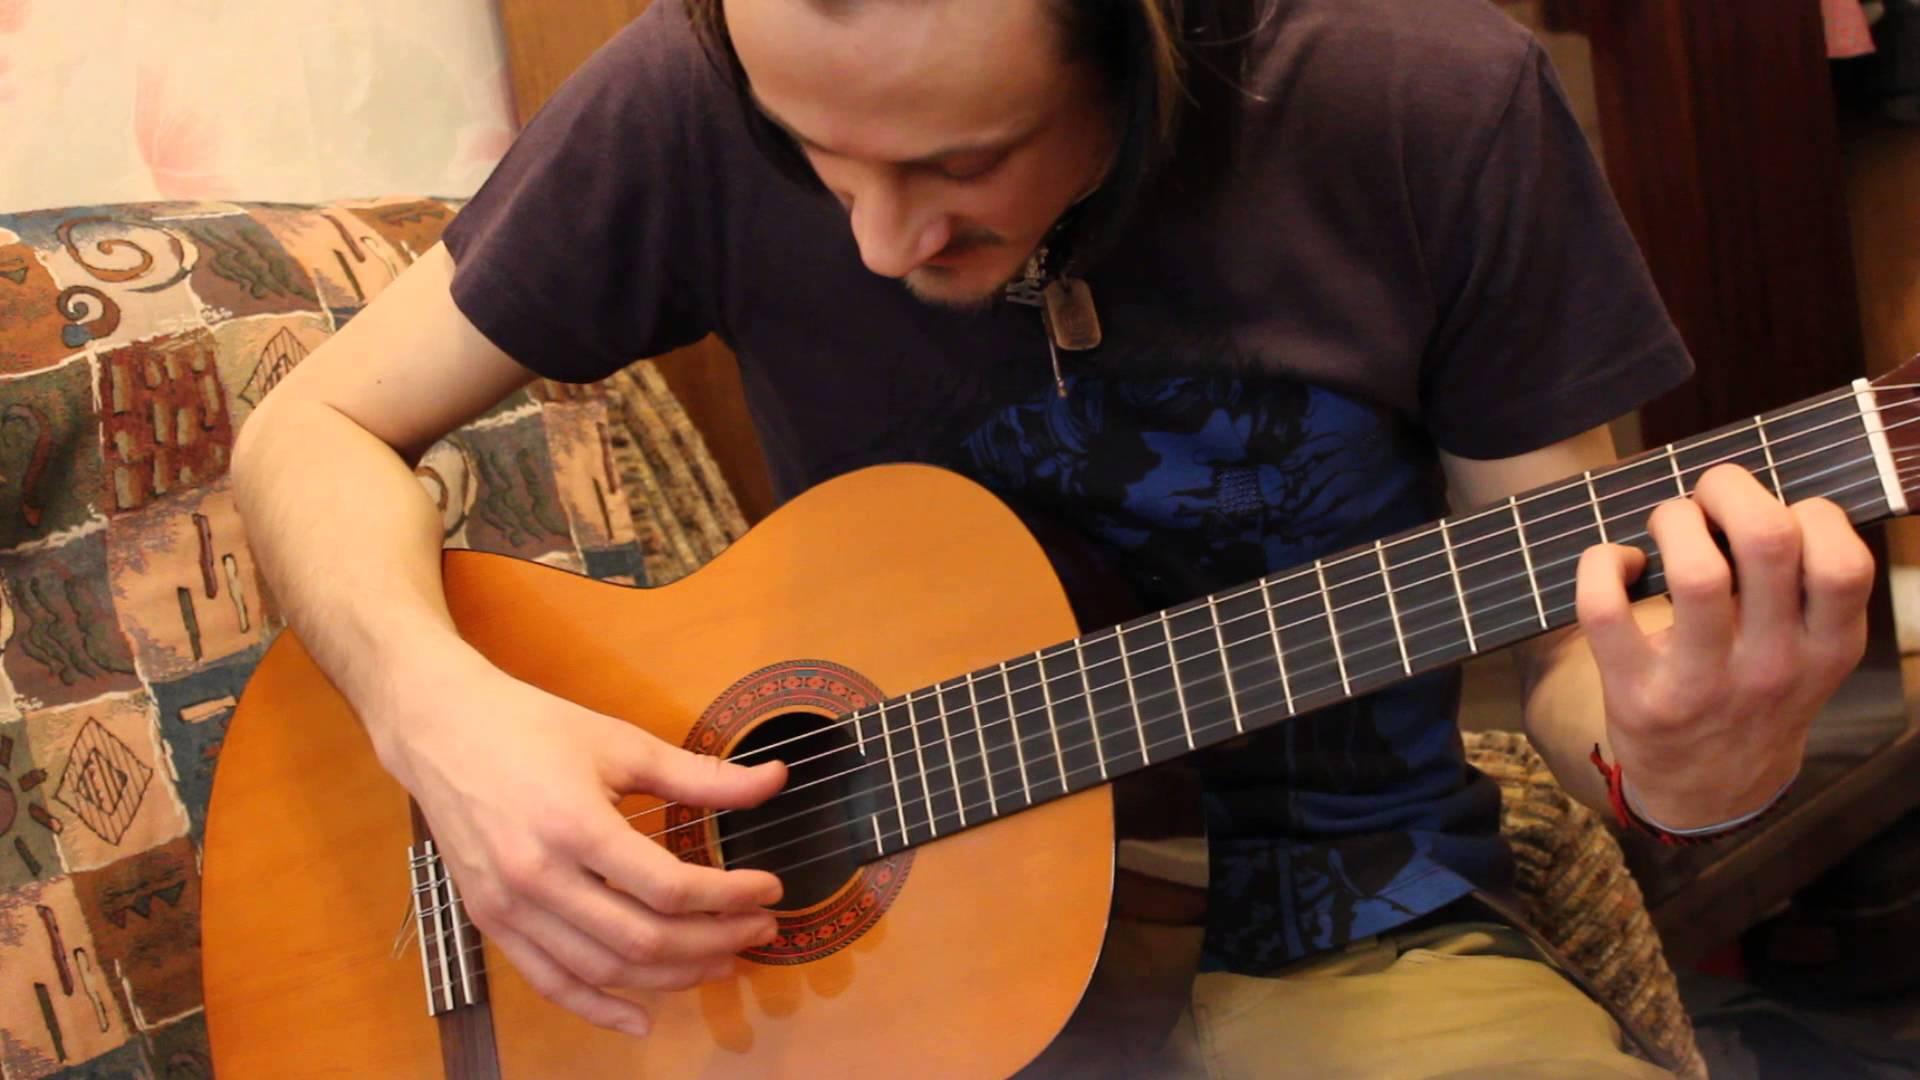 Уроки гитары. Бой Четверка, 1 вариант, с примером в песне гр. КИНО 'Пачка сигарет'